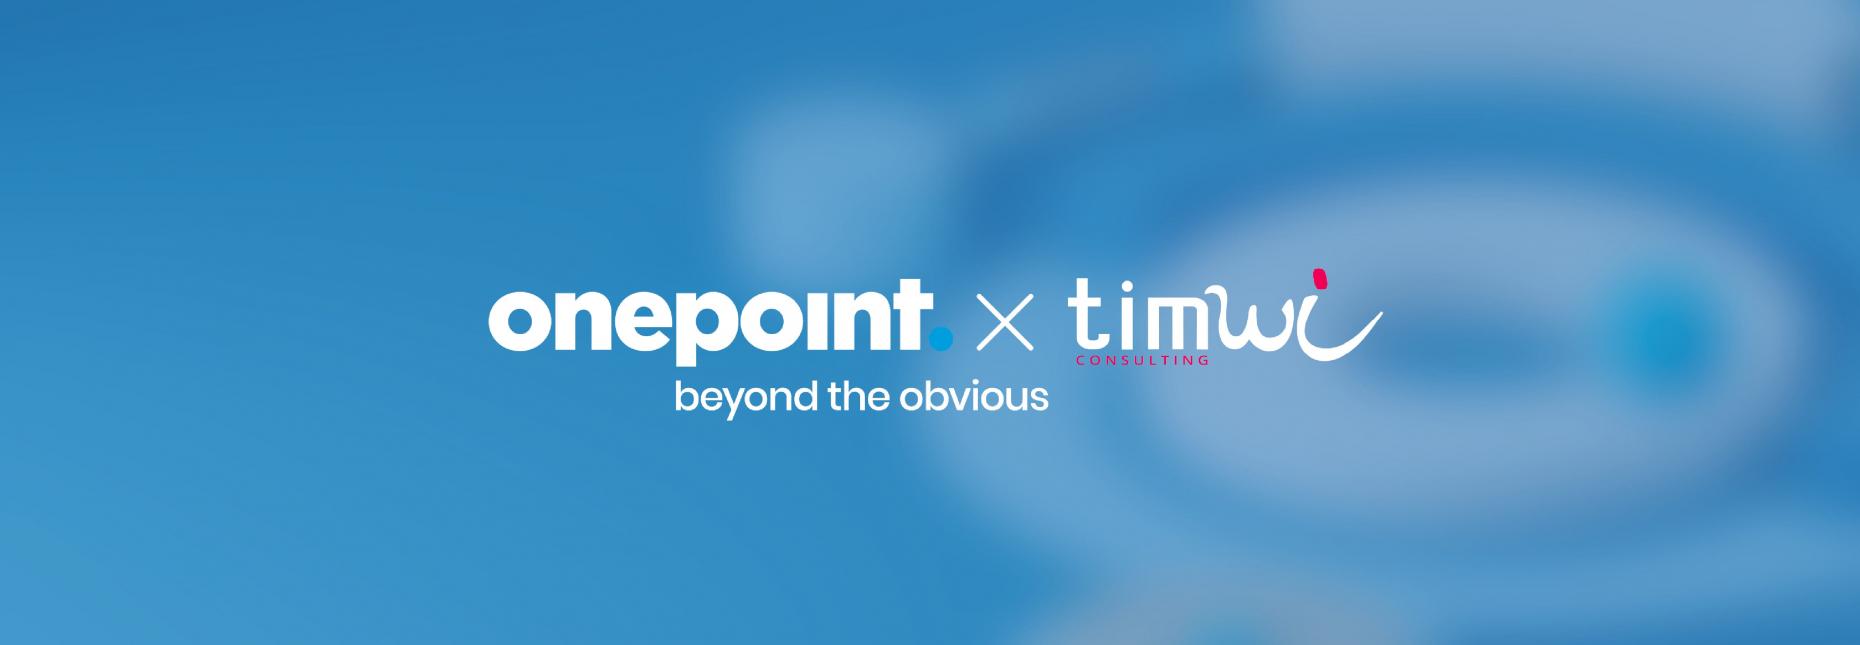 Image rassemblant les logo onepoint et celui de timwi